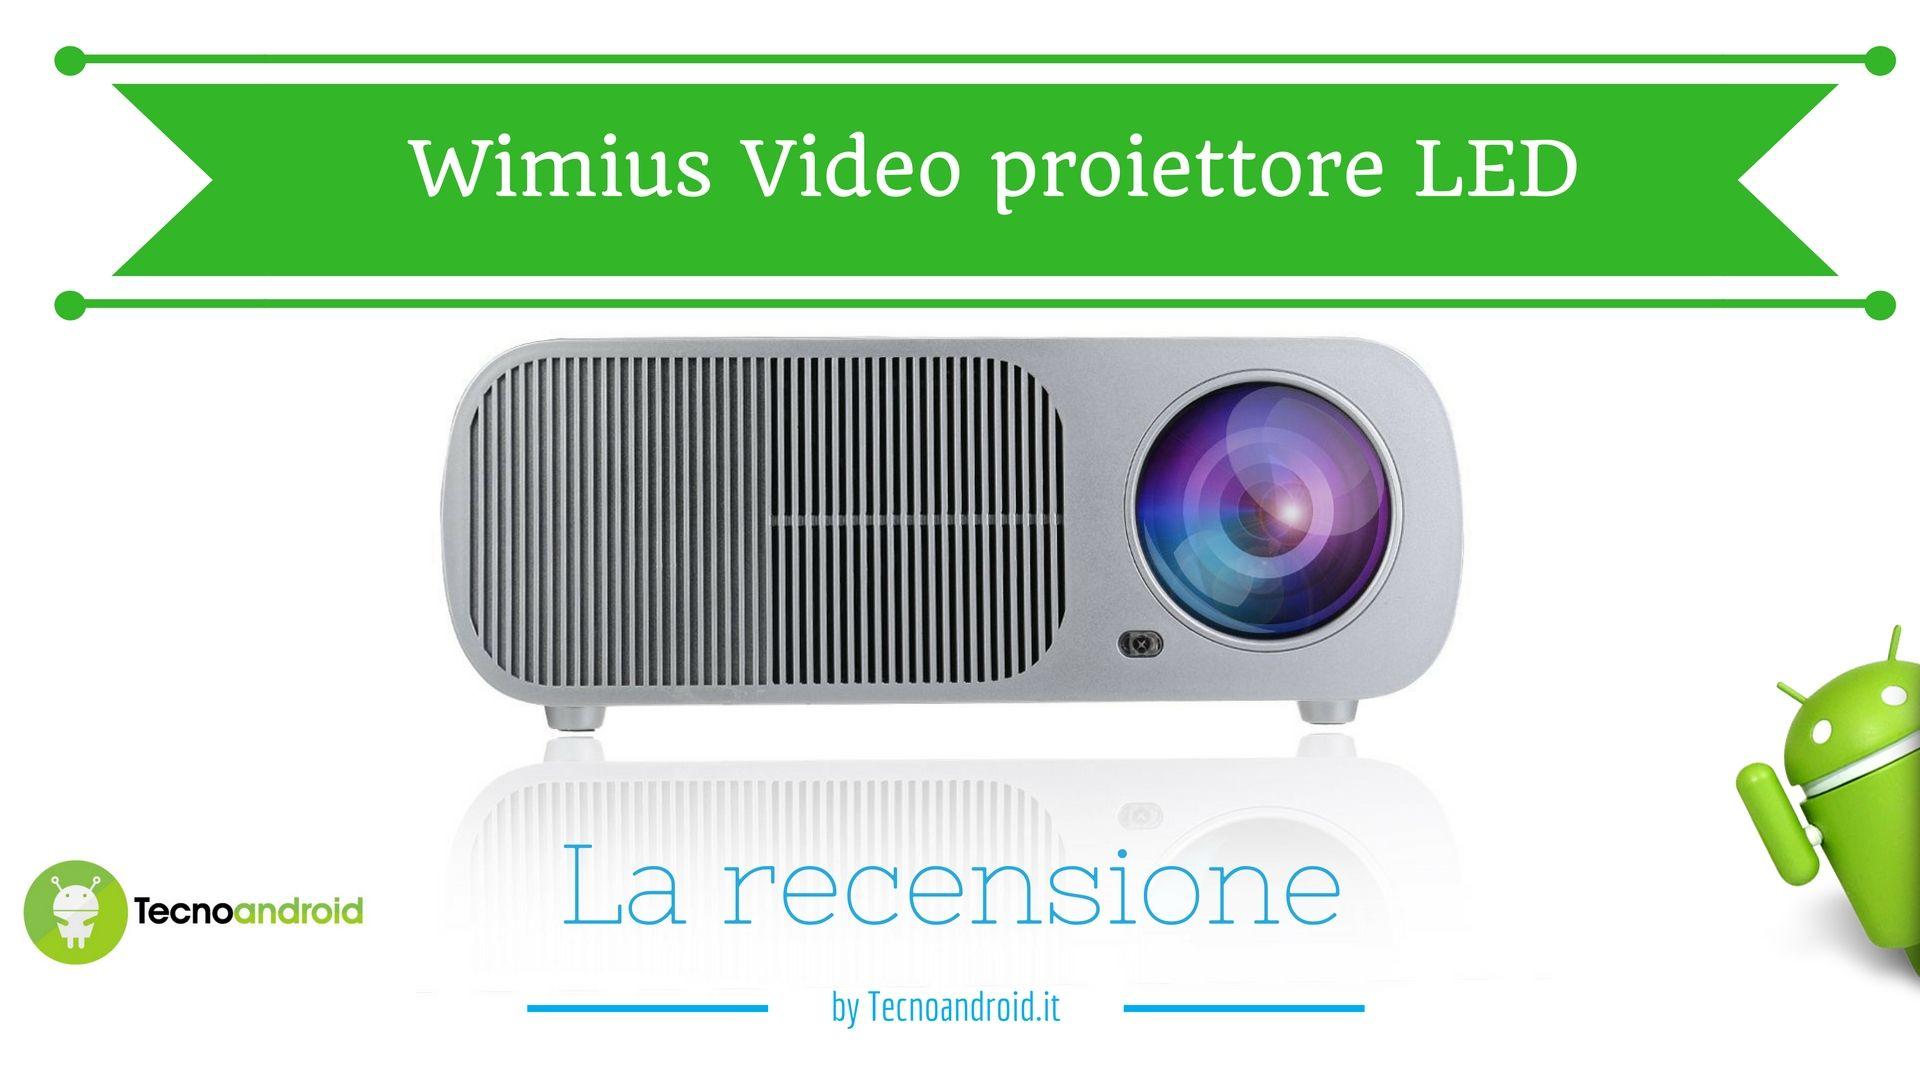 Recensione Wimius Video Proiettore Led Il Cinema A Casa Tua